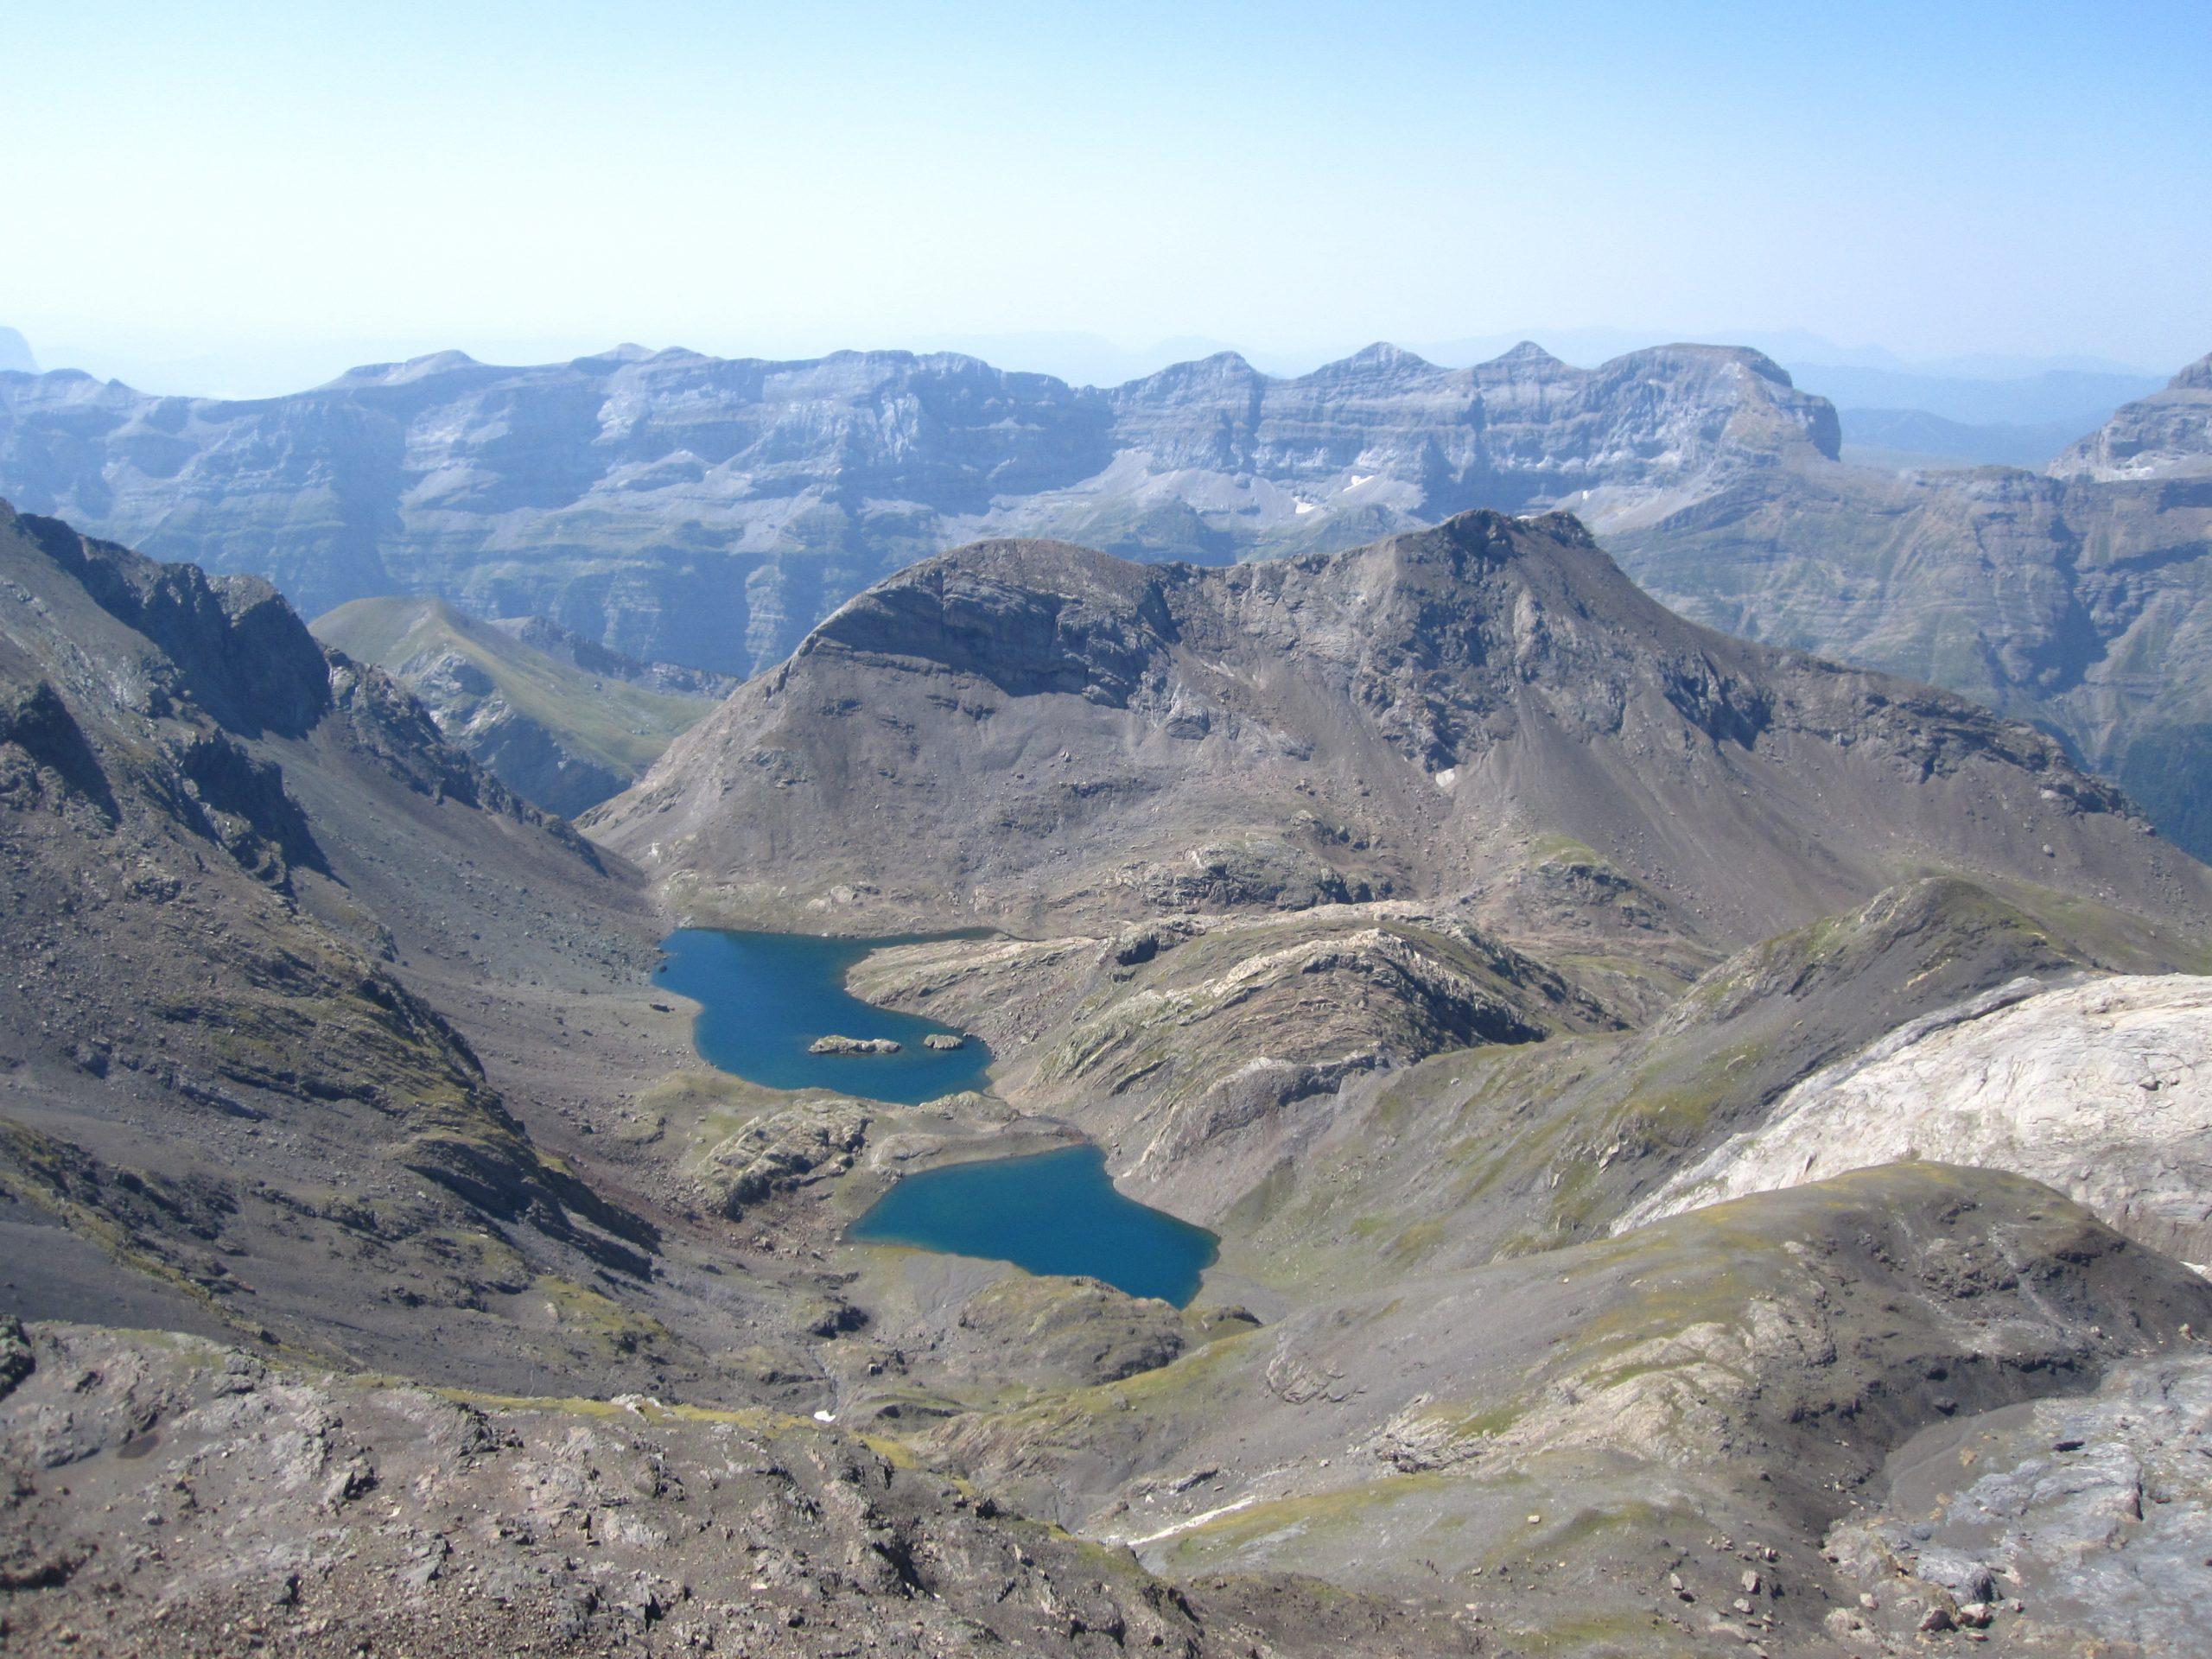 Ascenso al Pic de la Munia y Astazus. Valle de Pineta